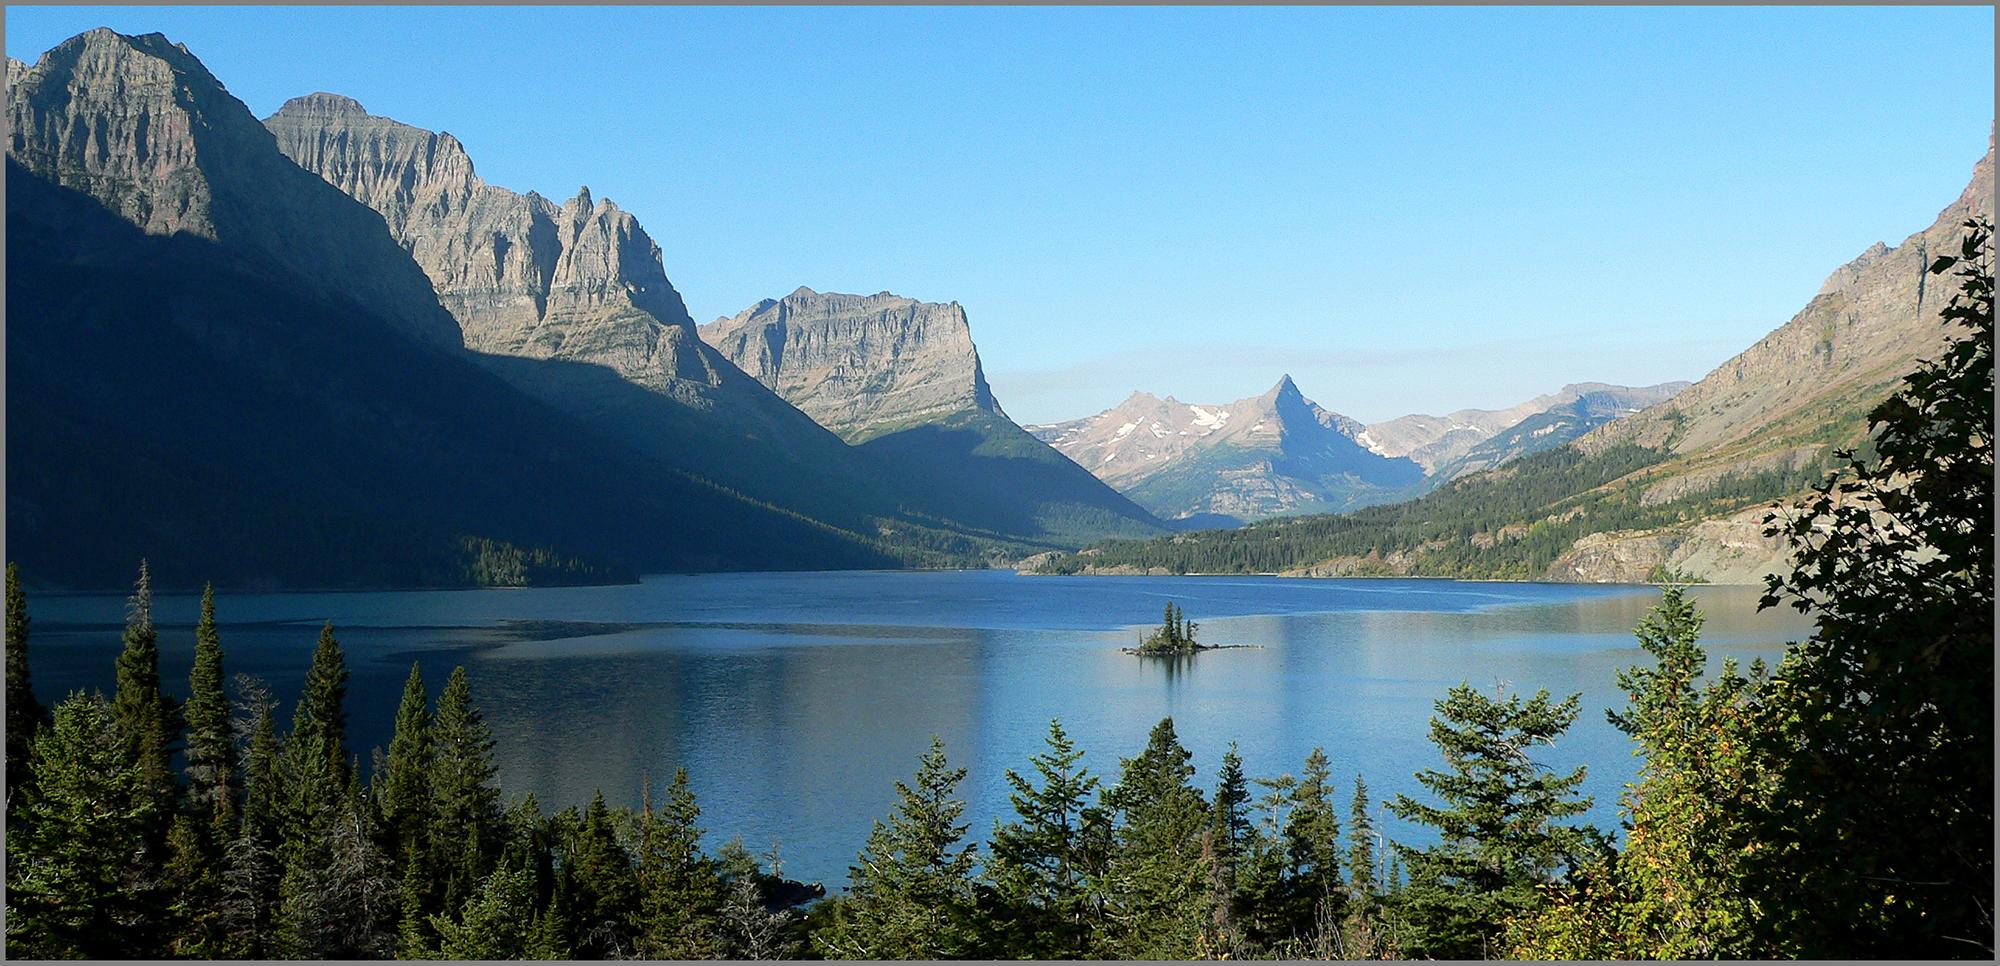 saint-mary-lake-montana